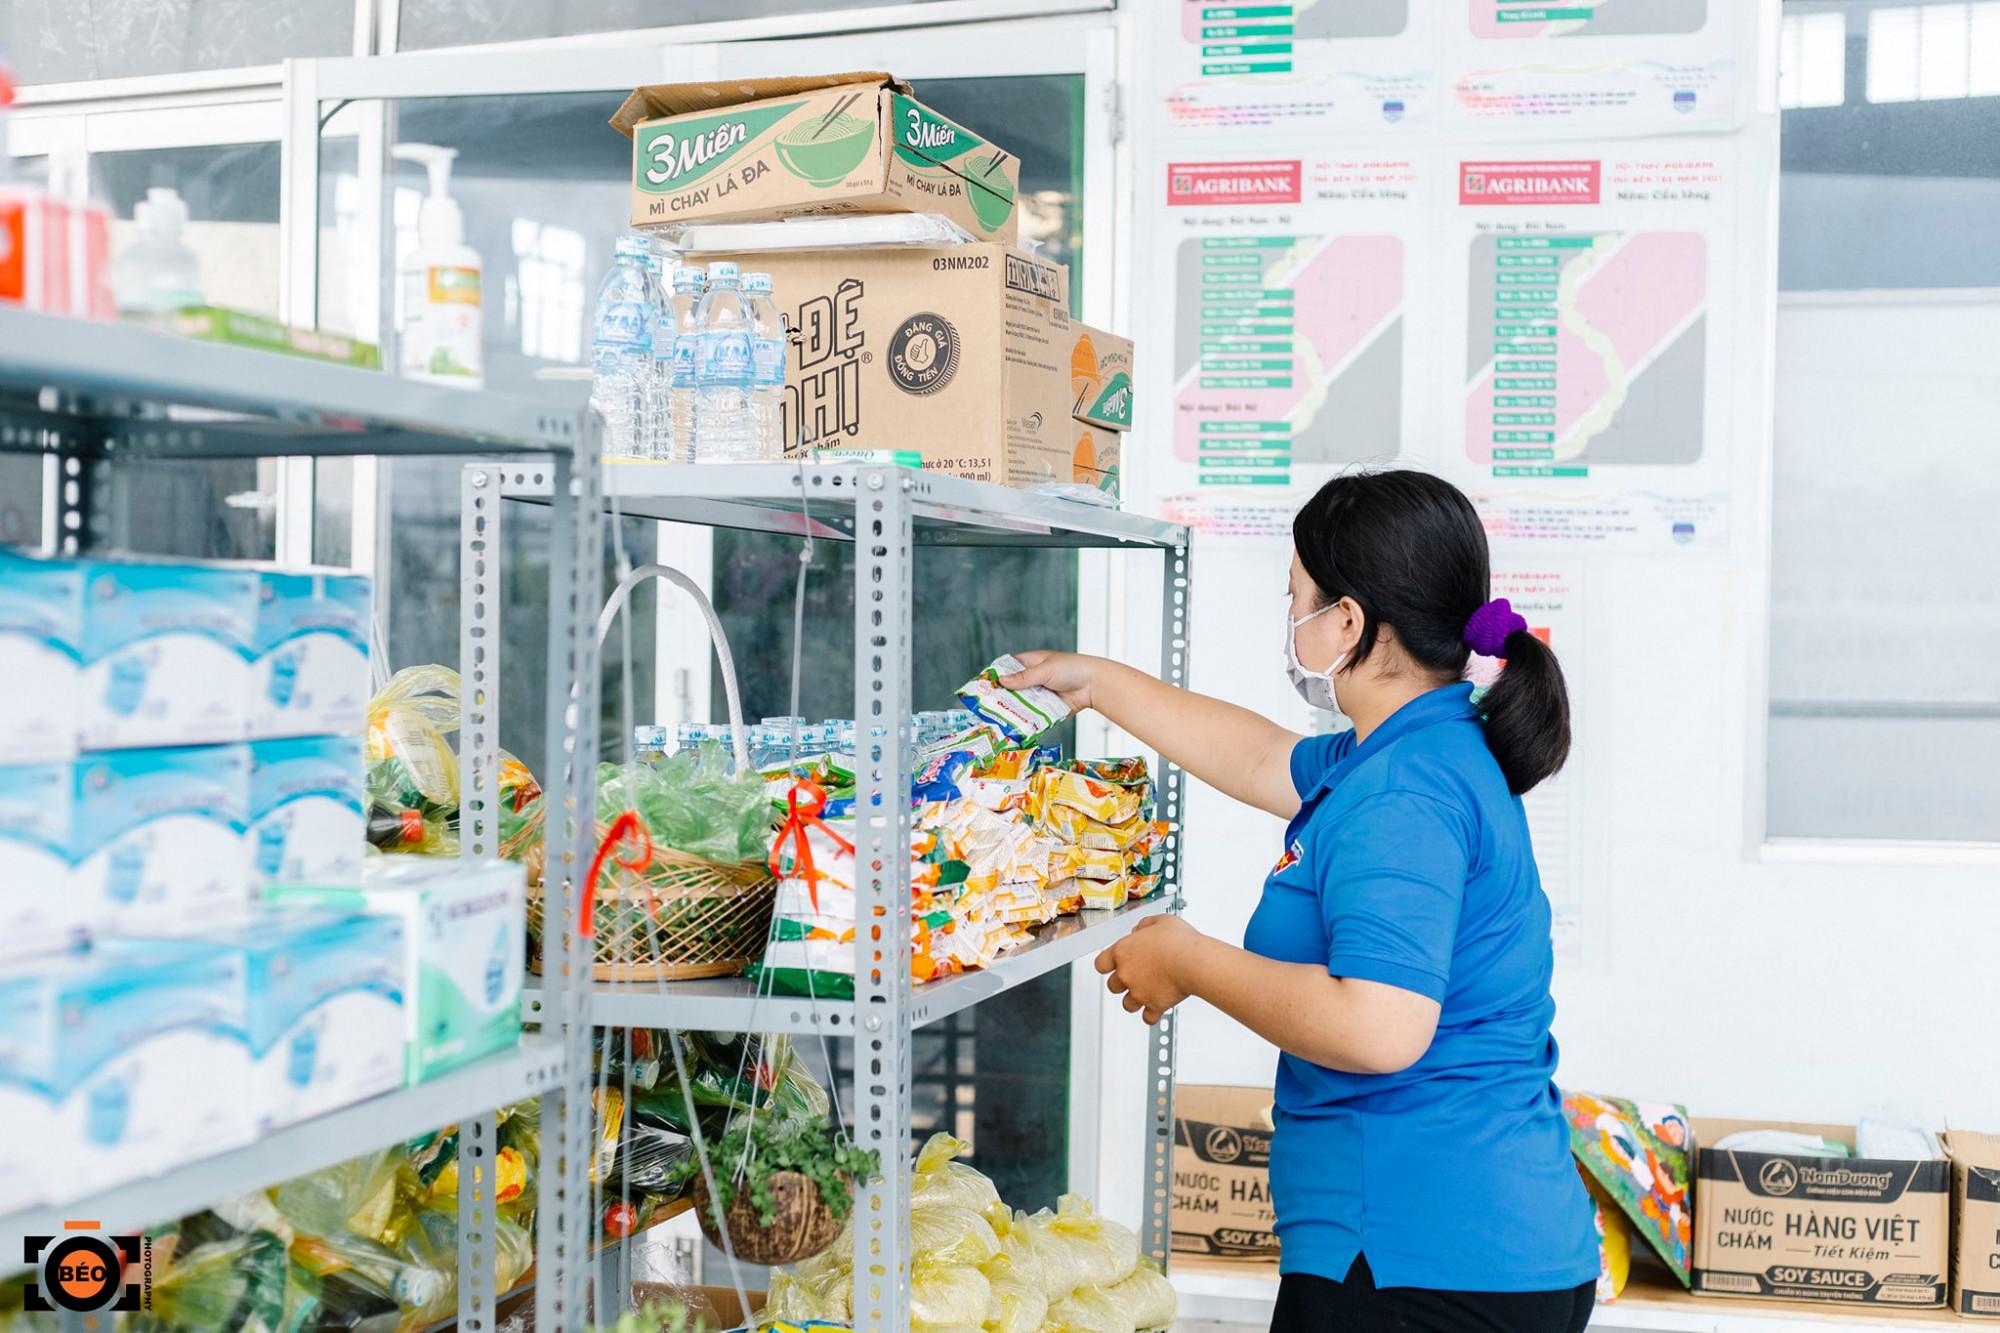 Siêu thị 0 đồng không phát trực tiếp nhu yếu phẩm tại Trung tâm hoạt động thanh thiếu nhi mà sẽ phân phối cho từng địa phương